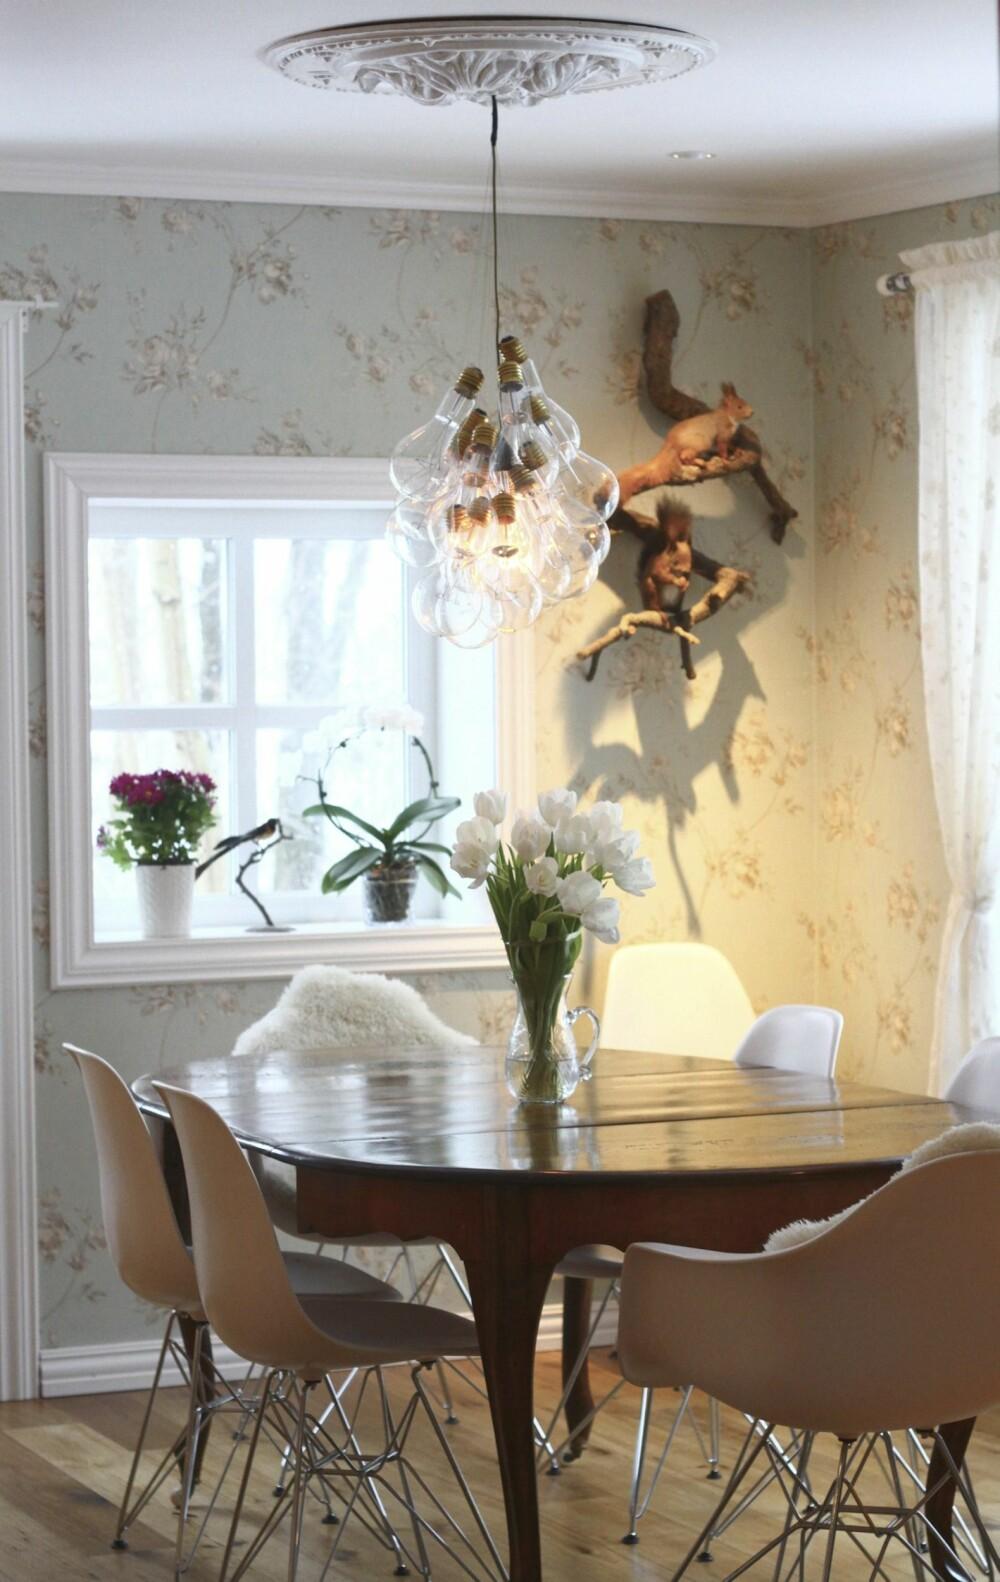 I spisestuen er et gammelt spisebord fra loppemarked kombinert med stoler i moderne design. På veggen henger to utstoppede ekorn som mannen i huset har arvet.